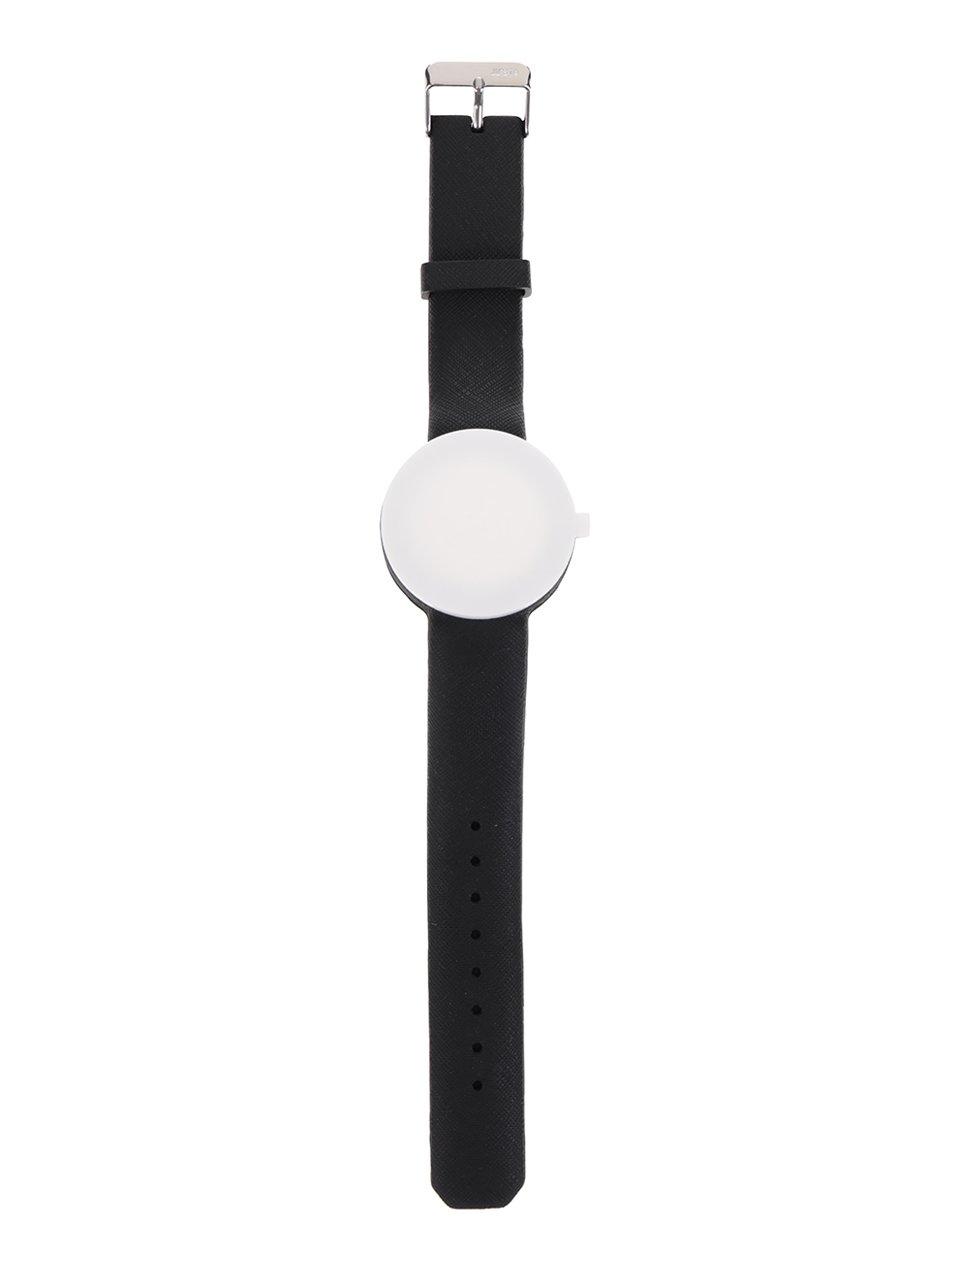 Černý gumový pásek k hodinkám Ju'sto Nero 40 mm